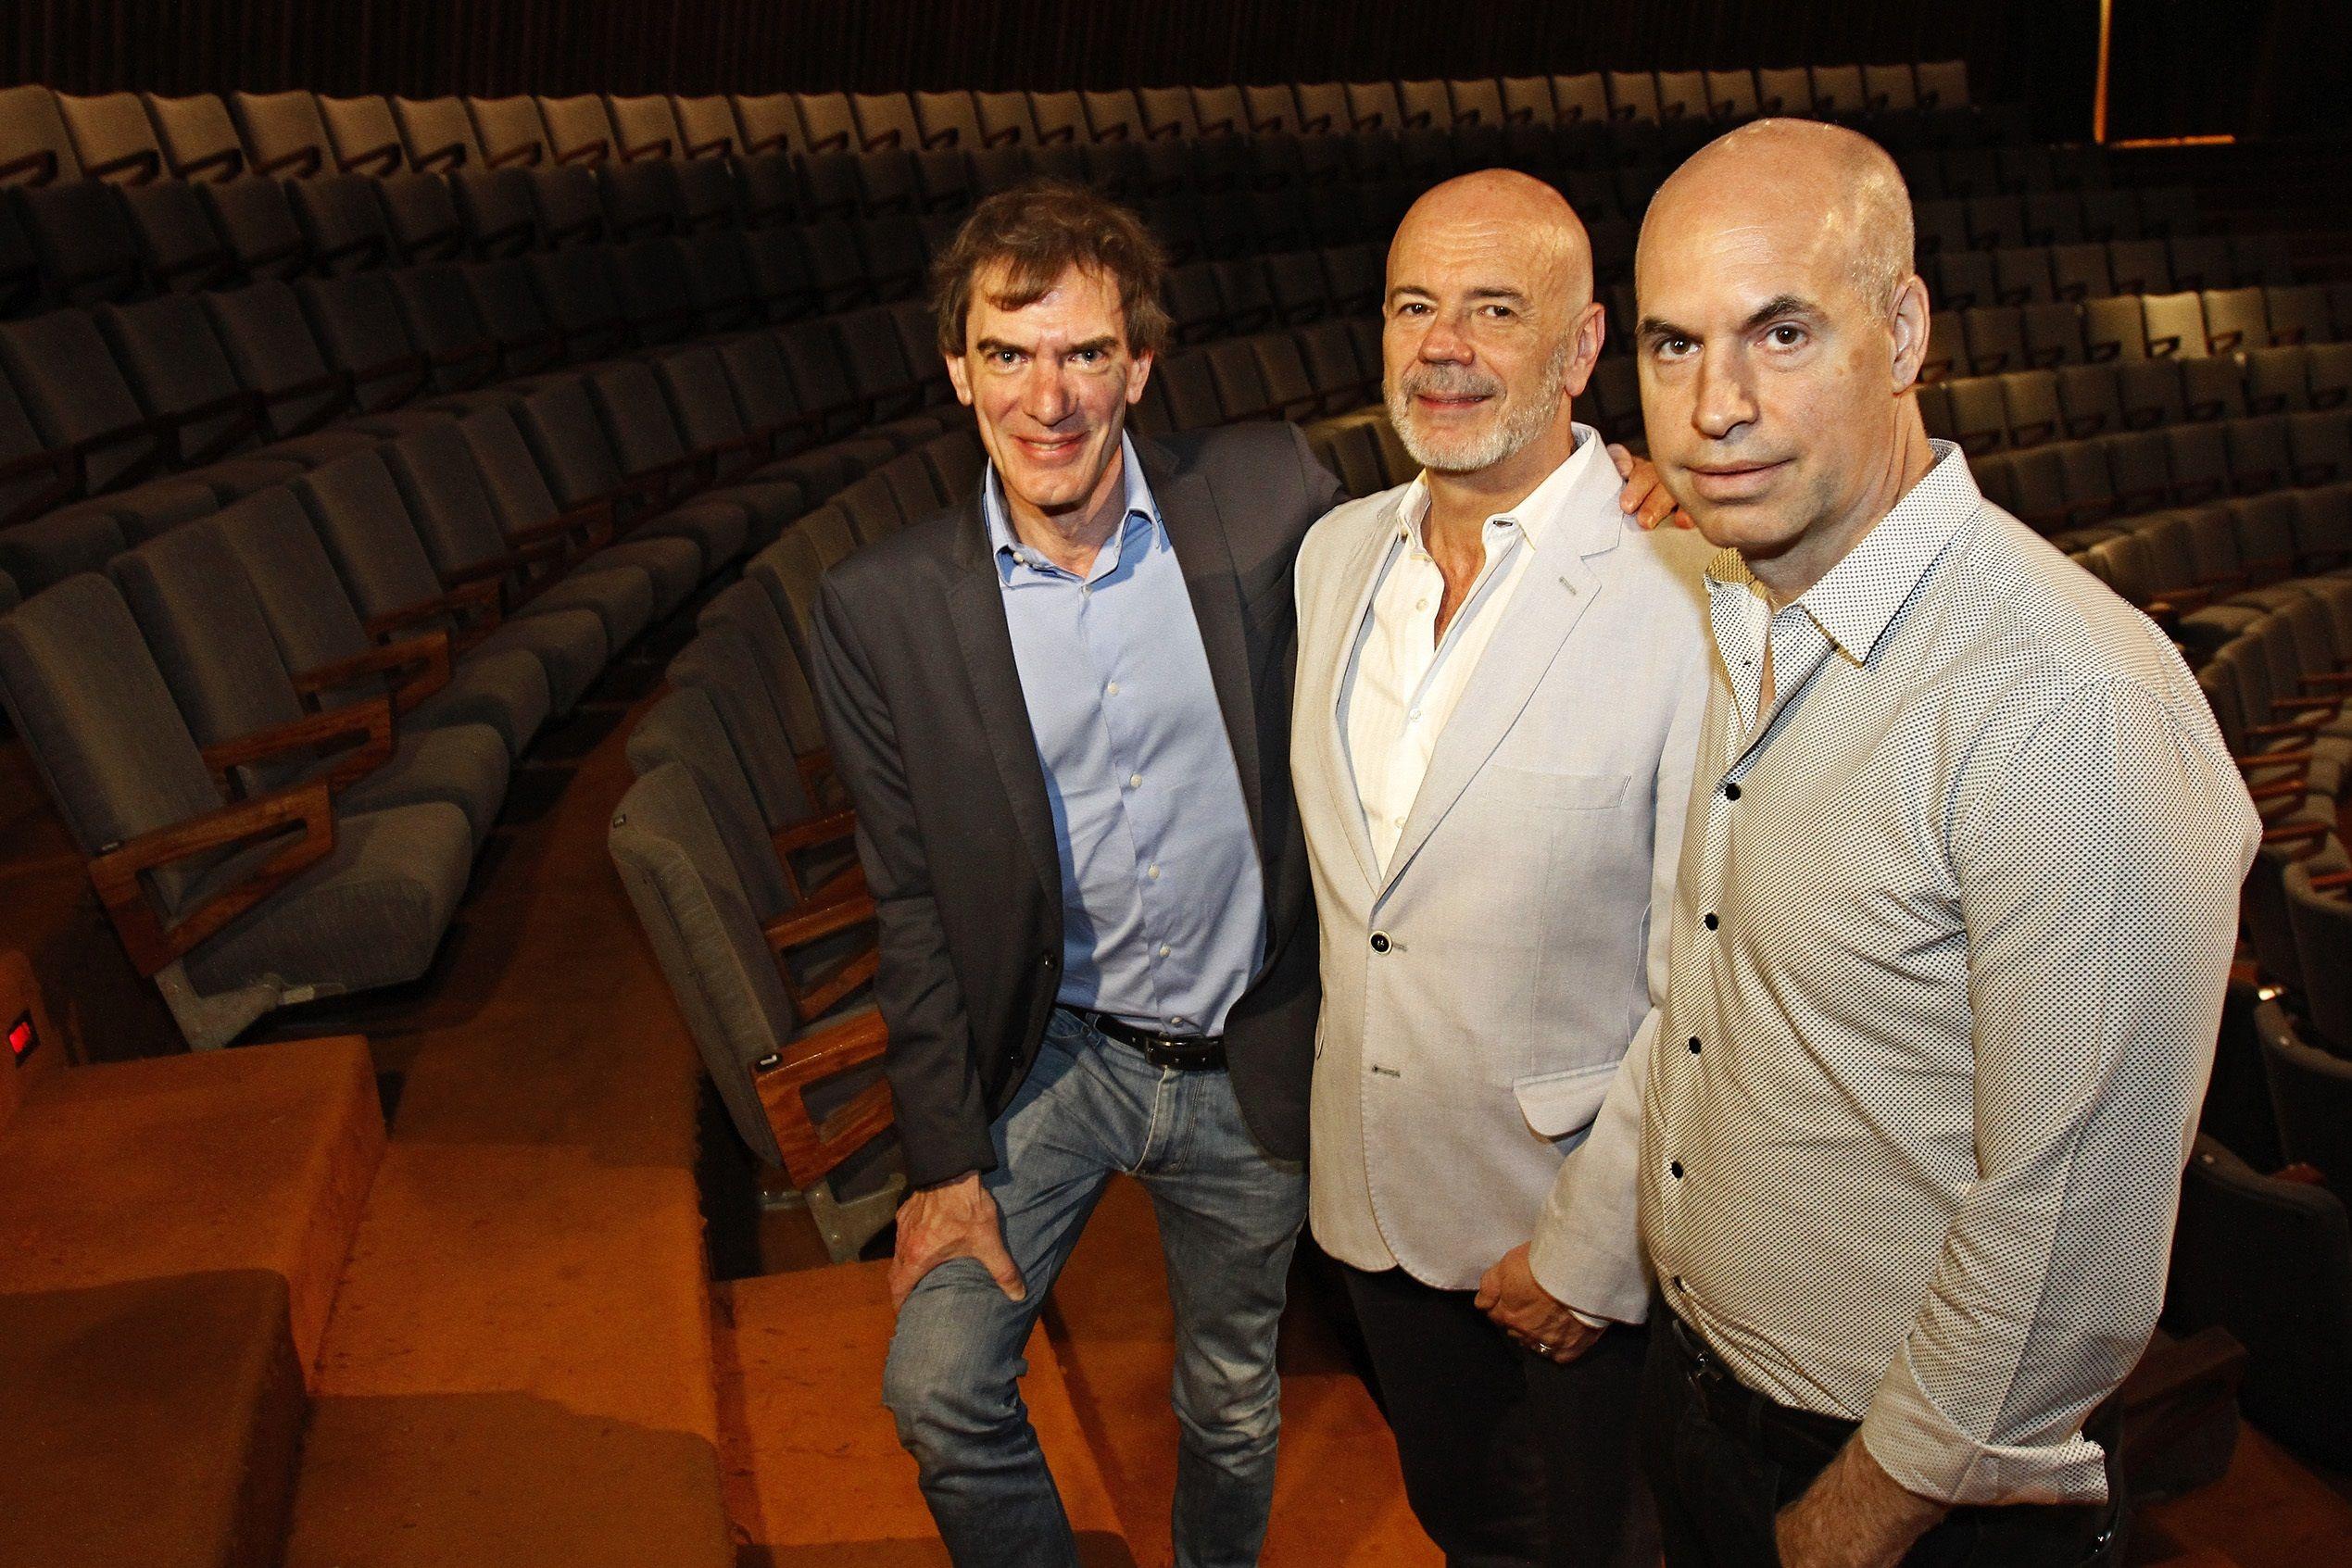 El PRO eligió a Telerman como director del Complejo Teatral de Buenos Aires